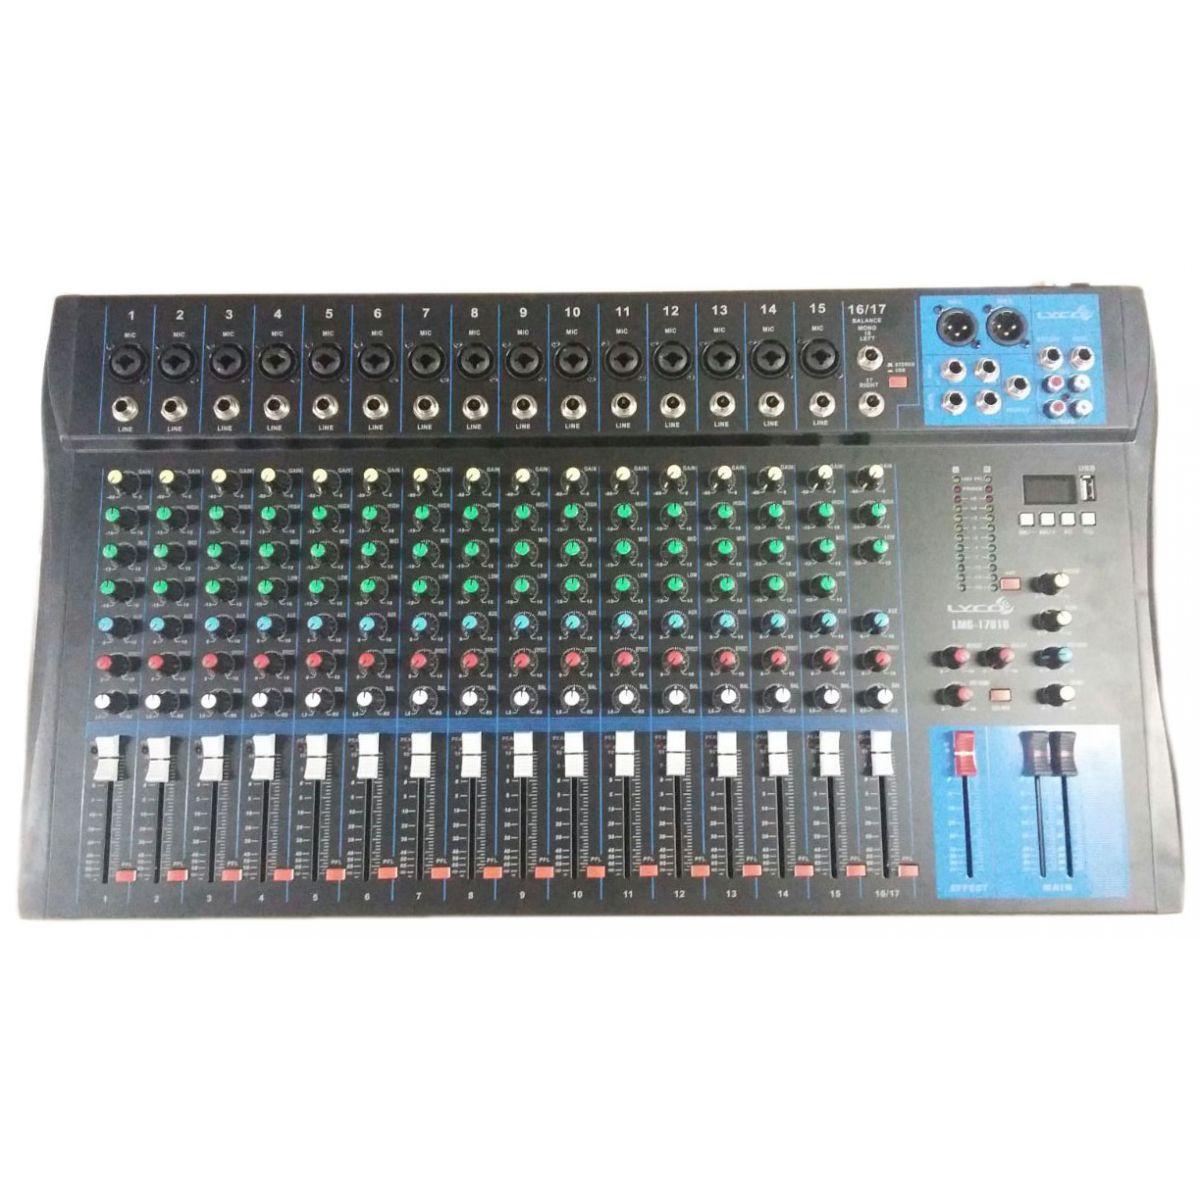 MESA 17 CANAIS LYCO LMG1701U USB,15 CANAIS XLR/TRS, 2 CANAIS P10,C/EFEITO REPEAT/DELAY, PHANTO POWER